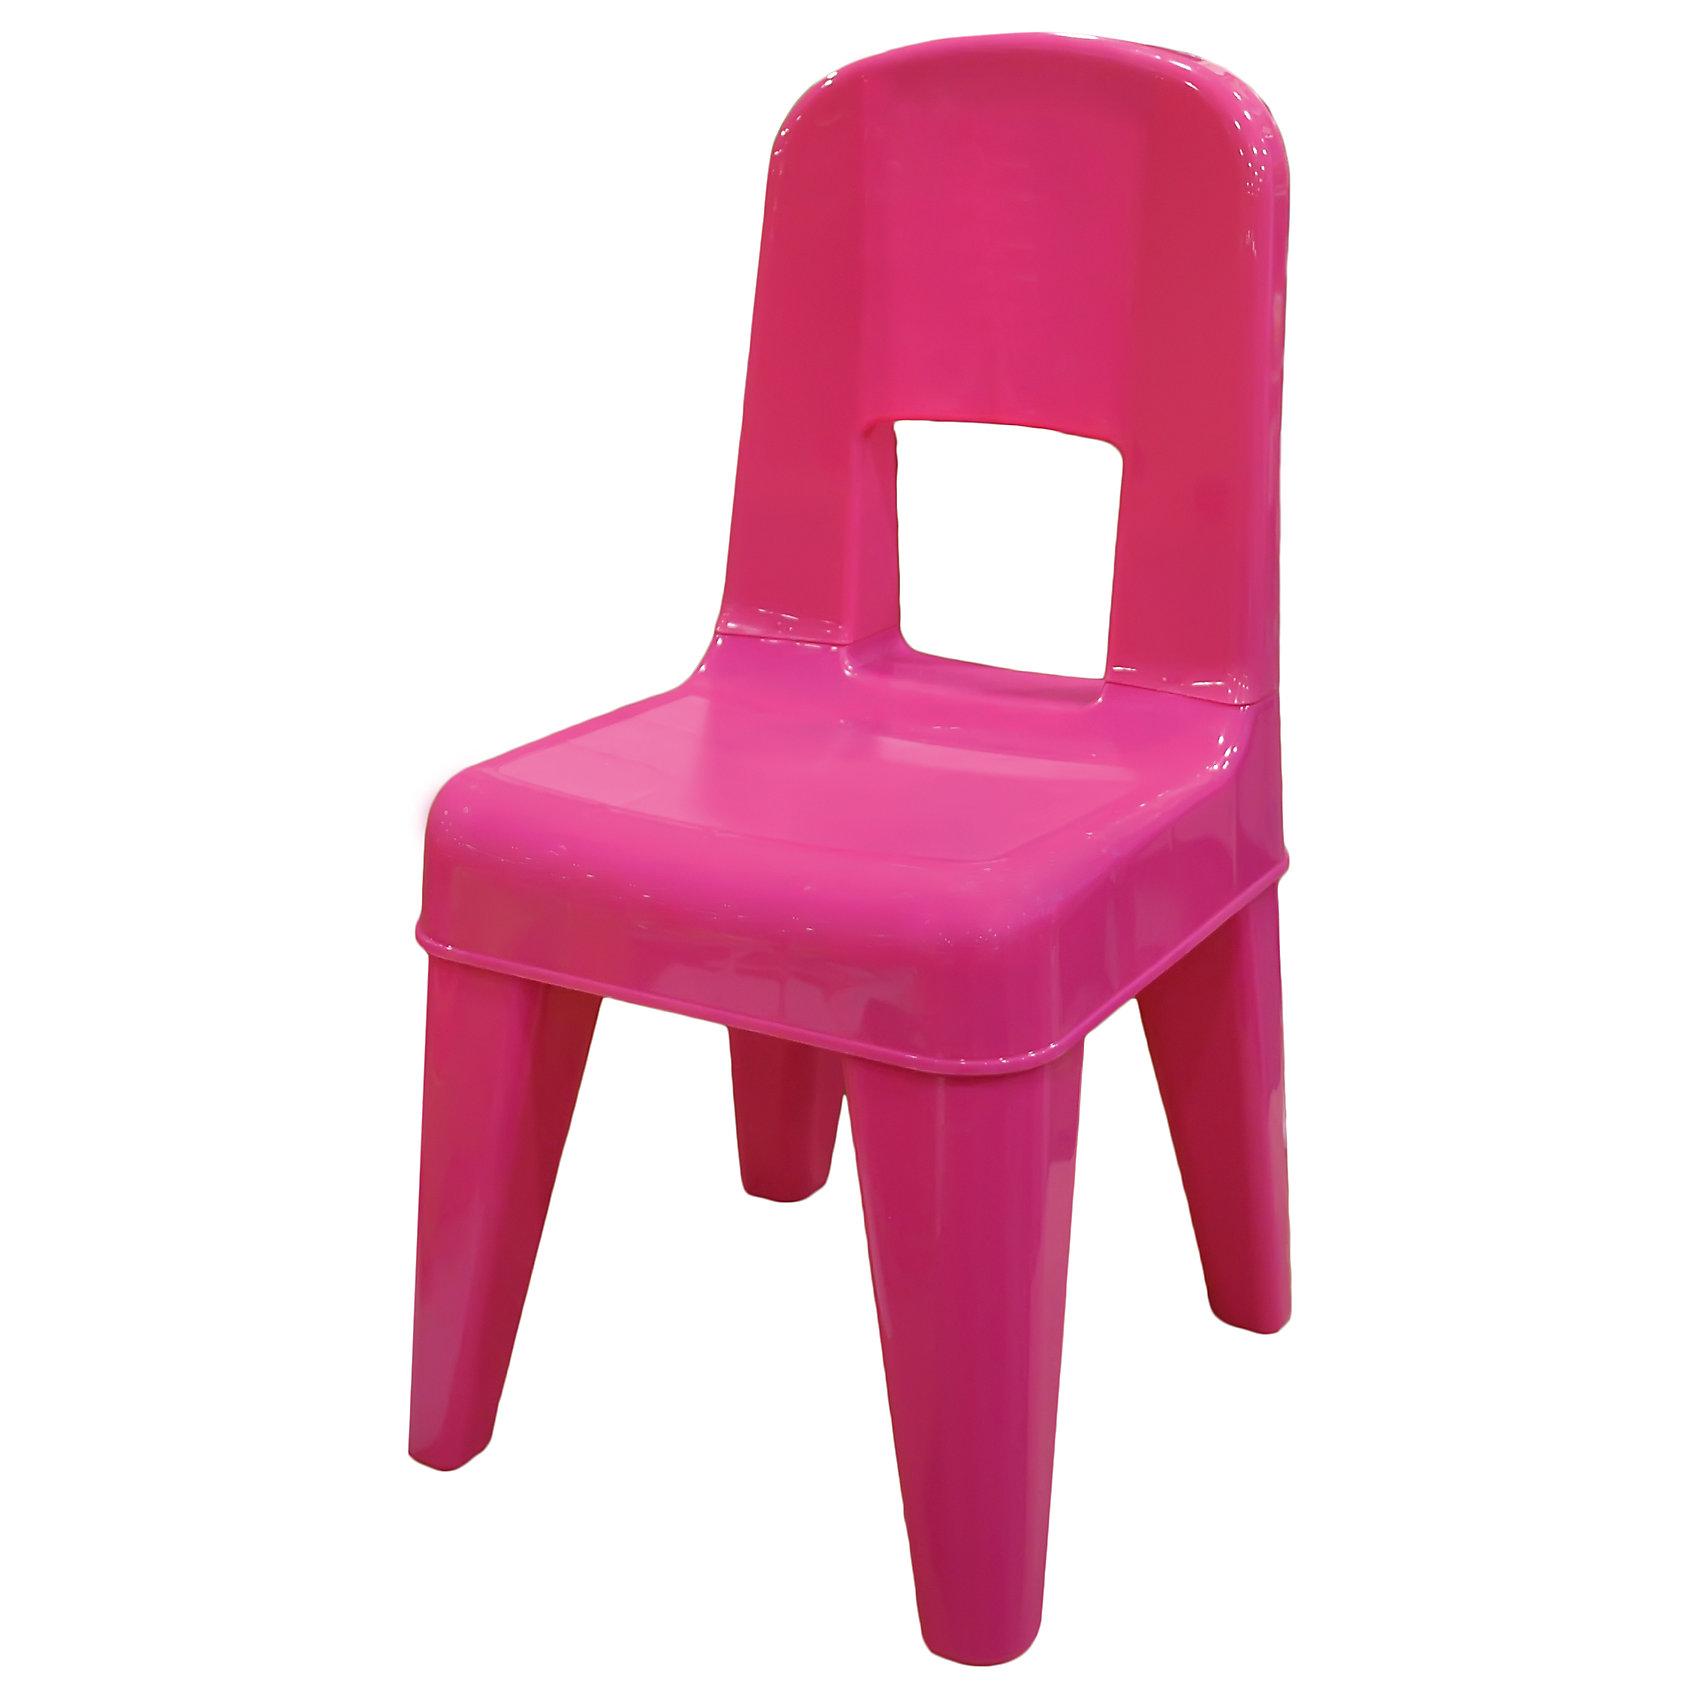 Детский стул Я расту, Little Angel, розовыйМебель<br>Детский стул Я расту, Little Angel, розовый ? это детская мебель серии Я расту от отечественного производителя . Детский стул изготовлен из экологически безопасных материалов ? полипропилена и ПВХ ? это сочетание обеспечивает легкость мебели, прочность, устойчивость к физическим и химическим воздействиям. Окраска обладает высокой устойчивостью цвета к внешним воздействиям. <br>Детский стул Я расту, Little Angel, розовый предназначен для детей в возрасте от 2-х лет, подходит для приема пищи, занятий или игр. Является абсолютно безопасным с точки зрения эксплуатации для маленьких детей: имеется высокая удобная спинка, ножки стула имеют округлую форму. Для высокой степени устойчивости у стула на ножках имеются прорезиненные накладки, которые обеспечивают хорошее сцепление практически с любой поверхностью. <br>Детский стул Я расту, Little Angel, розовый ? идеальное решение для оформления детского уголка не только дома, но и на даче.<br><br>Дополнительная информация:<br><br>- Предназначение: для дома, для детских садов, для детских развивающих центров<br>- Цвет: розовый<br>- Пол: для девочки<br>- Материал: полипропилен, ПВХ<br>- Размер (Д*Ш*В): 20*28*35 см<br>- Вес: 1 кг 599 г<br>- Особенности ухода: разрешается мыть теплой мыльной водой<br><br>Подробнее:<br><br>• Для детей в возрасте: от 2 лет и до 6 лет<br>• Страна производитель: Россия<br>• Торговый бренд: Little Angel<br><br>Детский стул Я расту, Little Angel, розовый можно купить в нашем интернет-магазине.<br><br>Ширина мм: 350<br>Глубина мм: 280<br>Высота мм: 200<br>Вес г: 1599<br>Возраст от месяцев: 24<br>Возраст до месяцев: 72<br>Пол: Женский<br>Возраст: Детский<br>SKU: 4881749